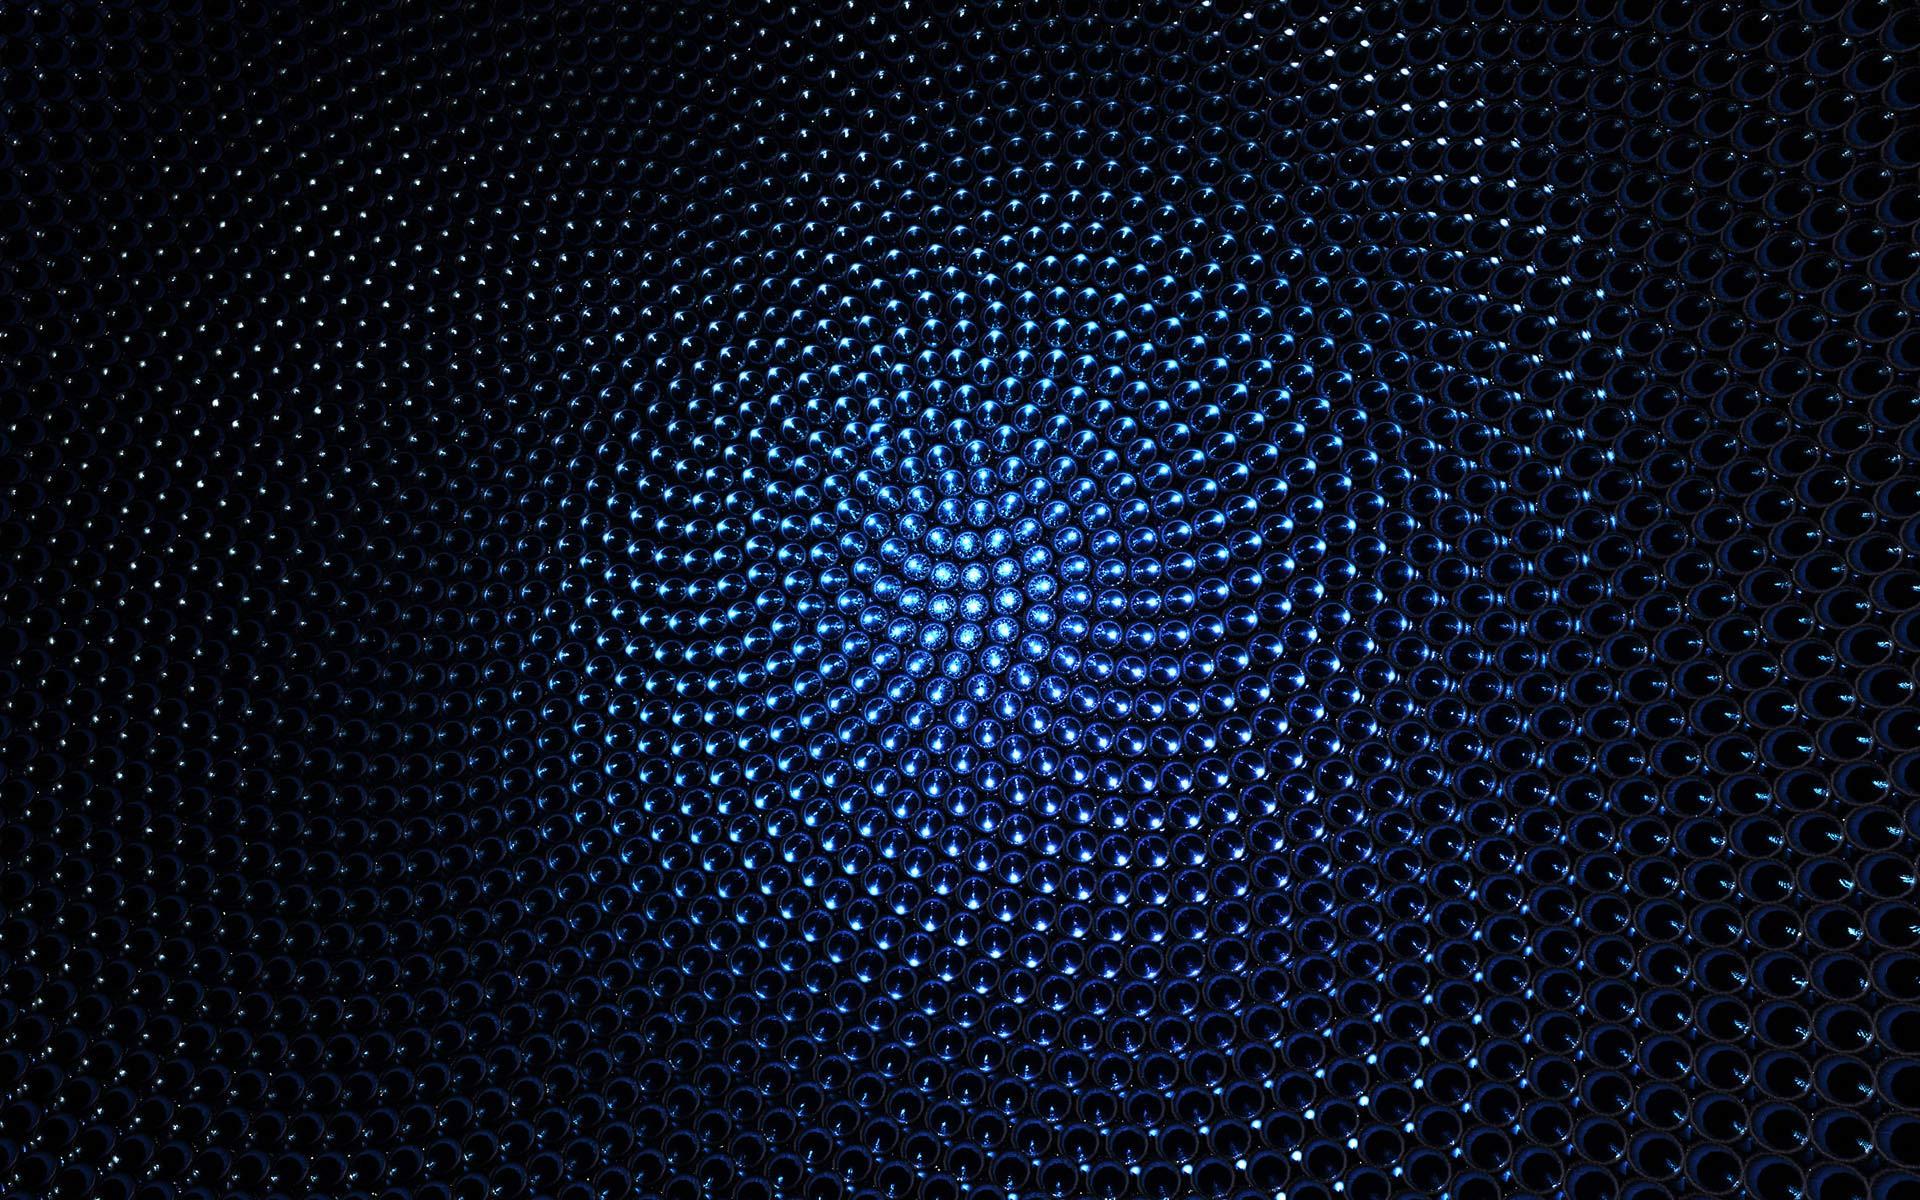 Abstract 3d Widescreen Wallpaper 1280x800 10471 Hd Wallpapers 1920x1200